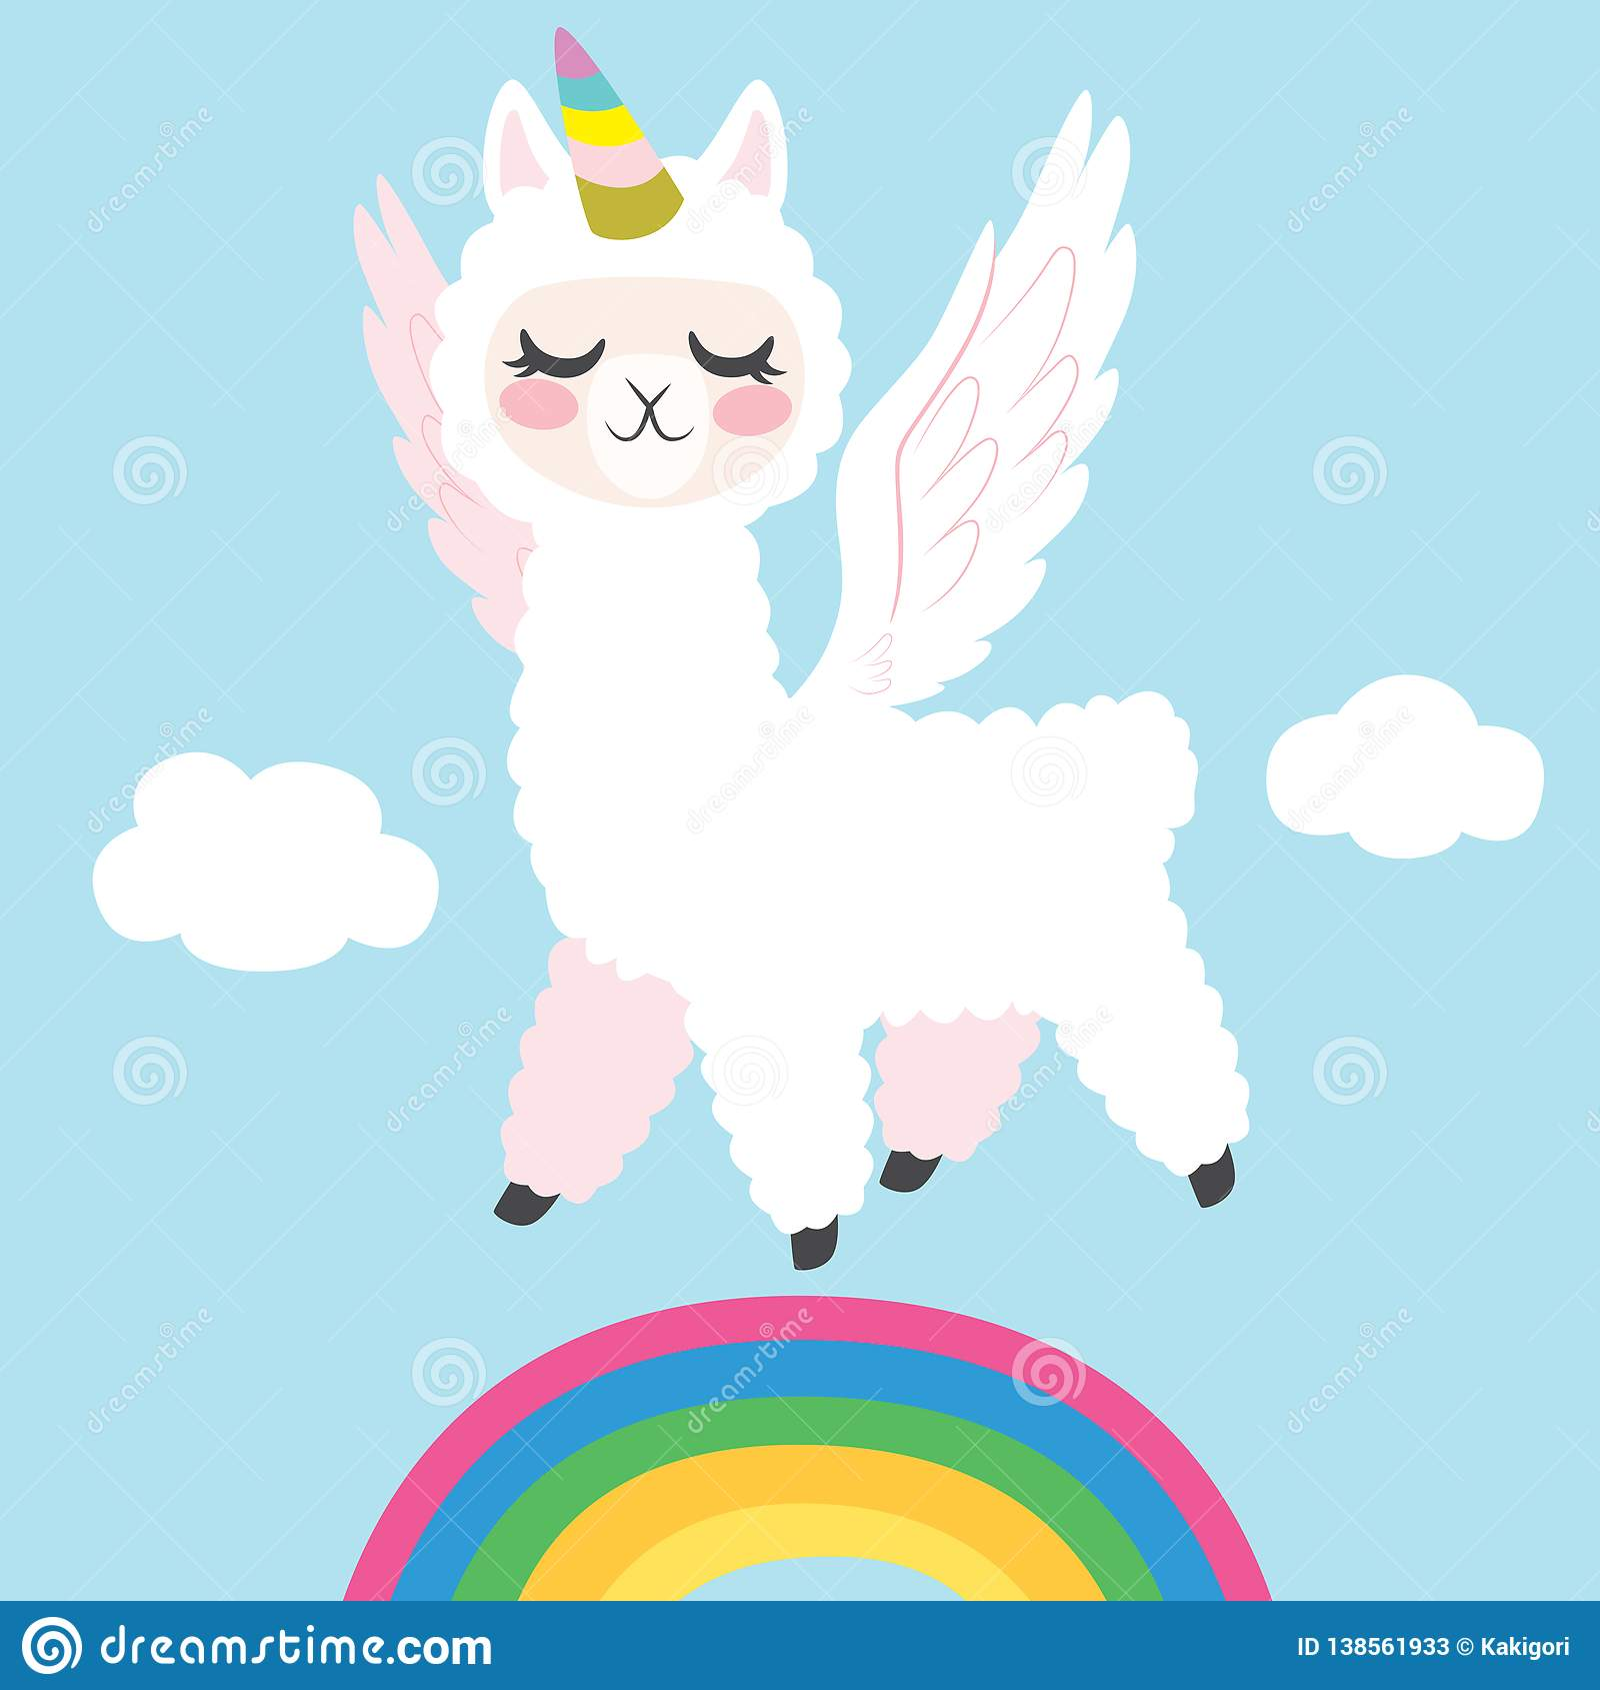 Llama Unicorn Flying